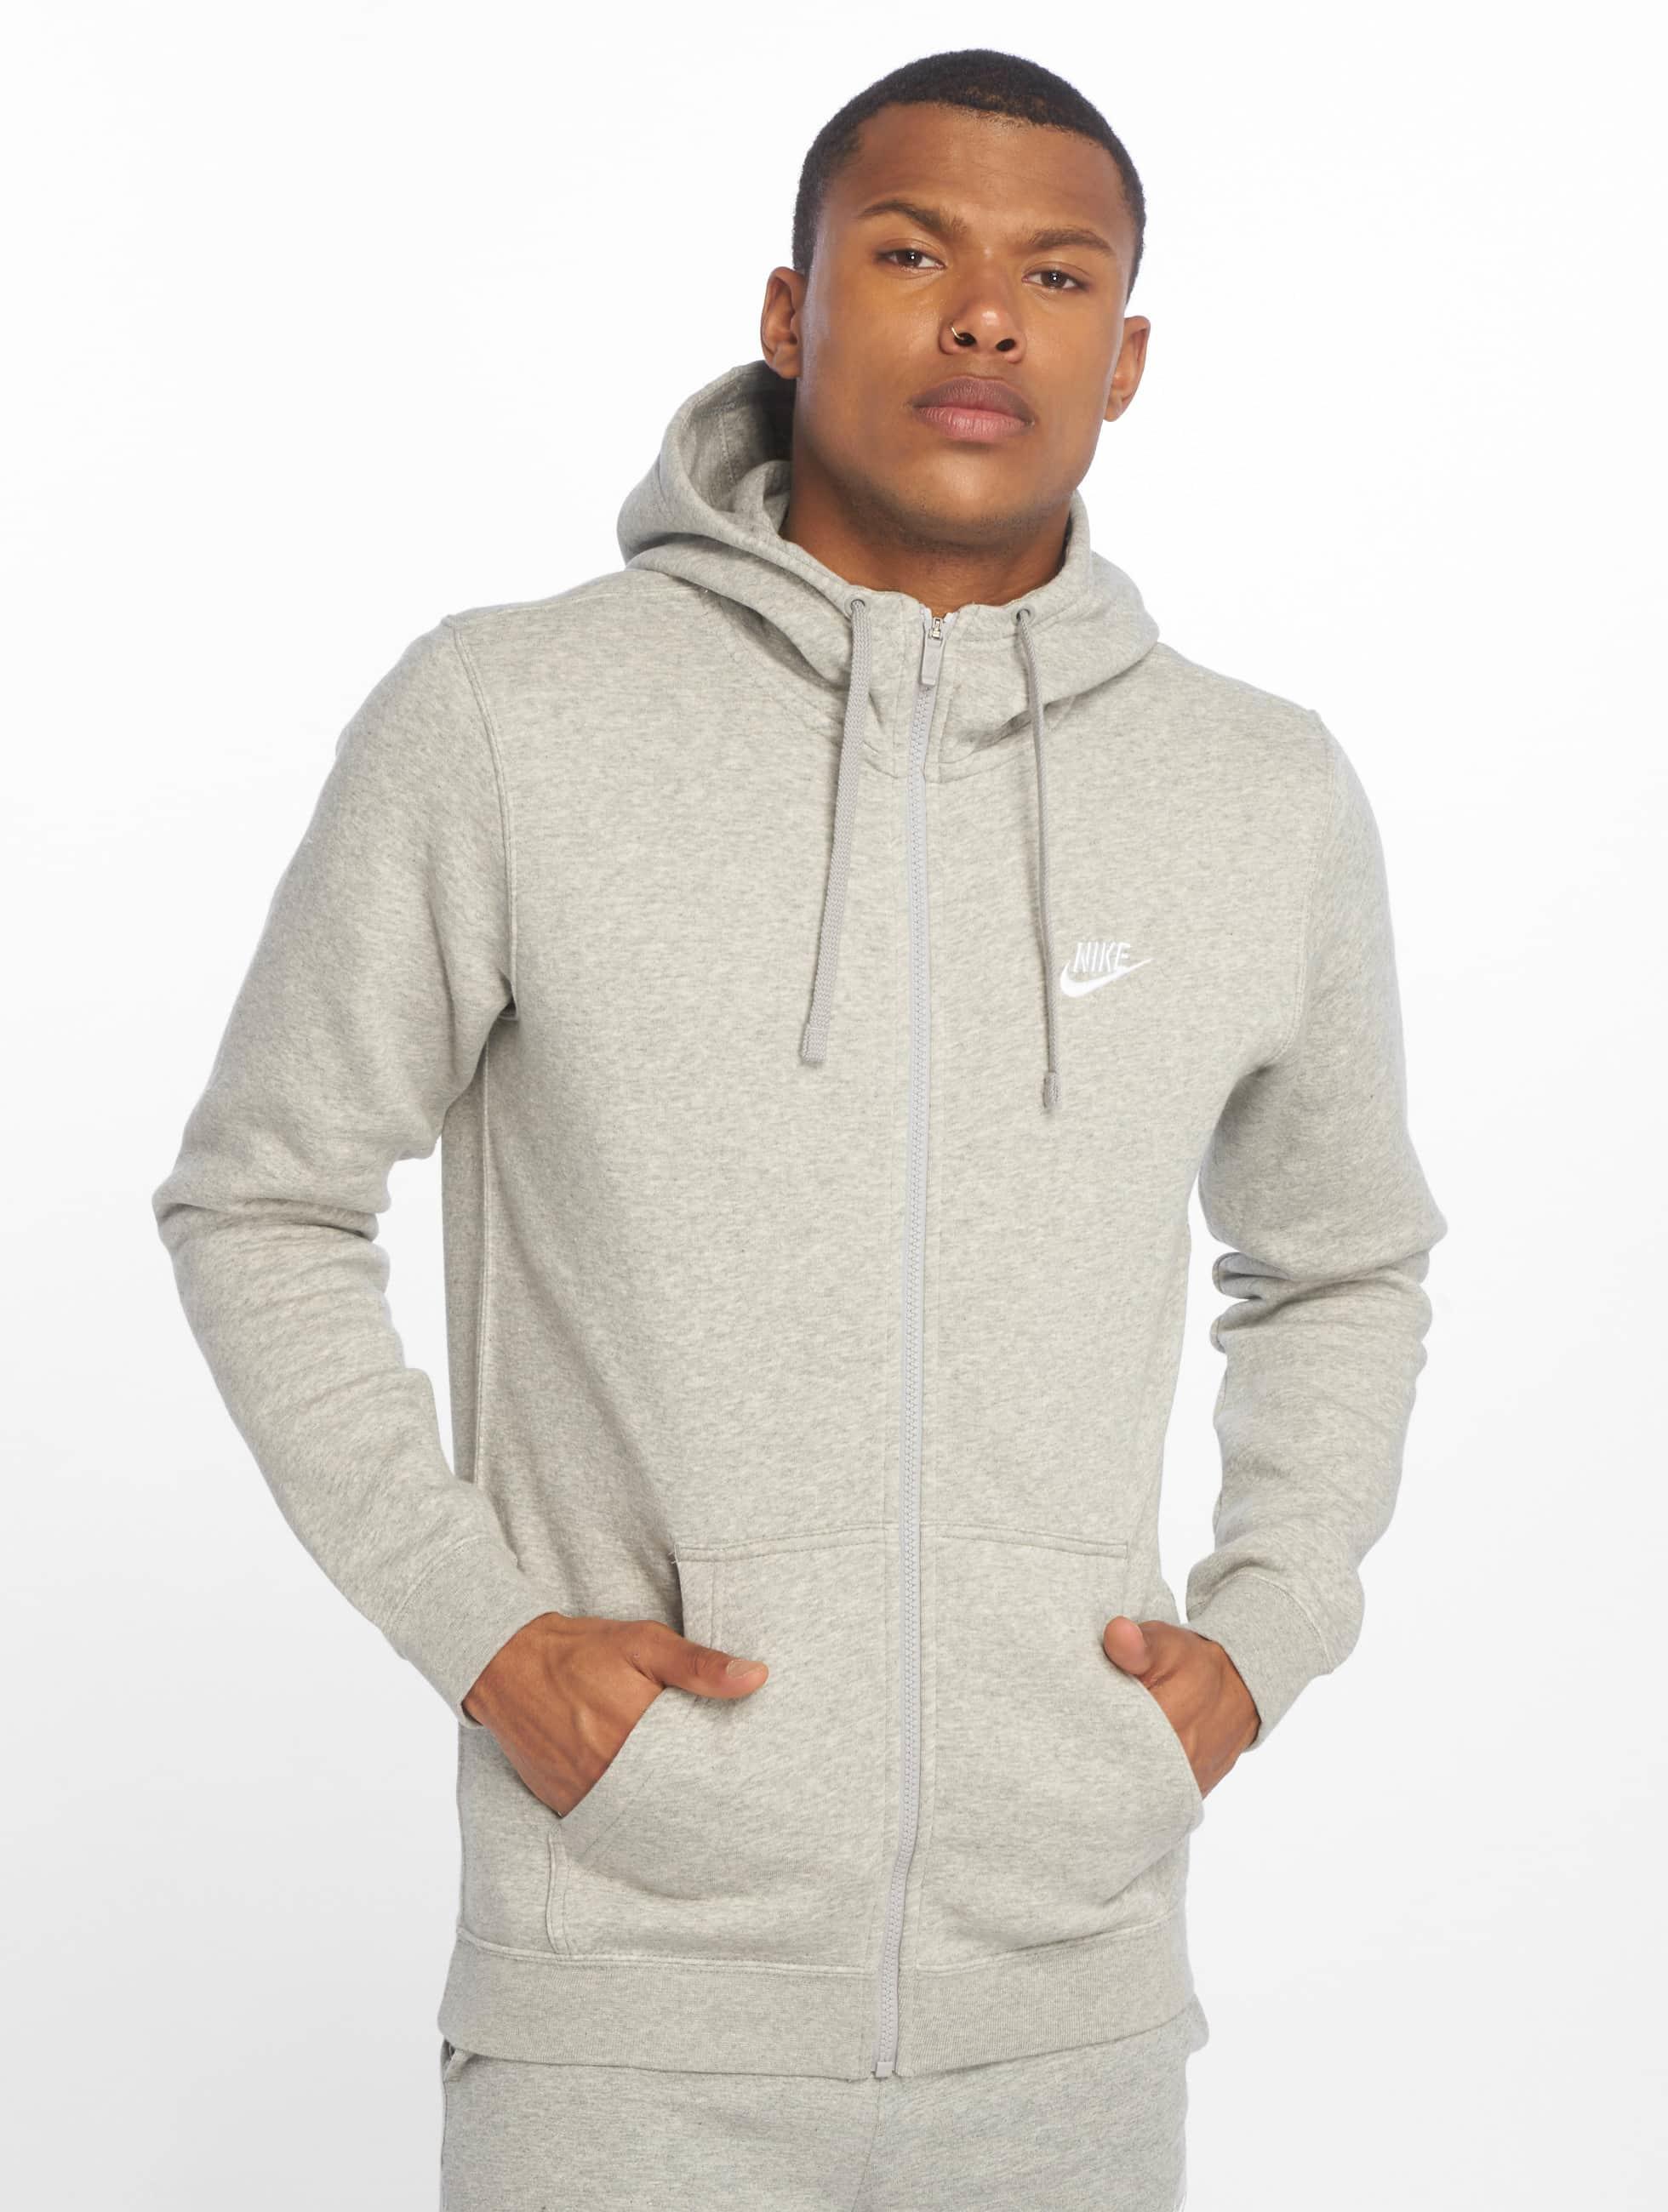 nike herren zip hoodie sportswear in grau 295745. Black Bedroom Furniture Sets. Home Design Ideas